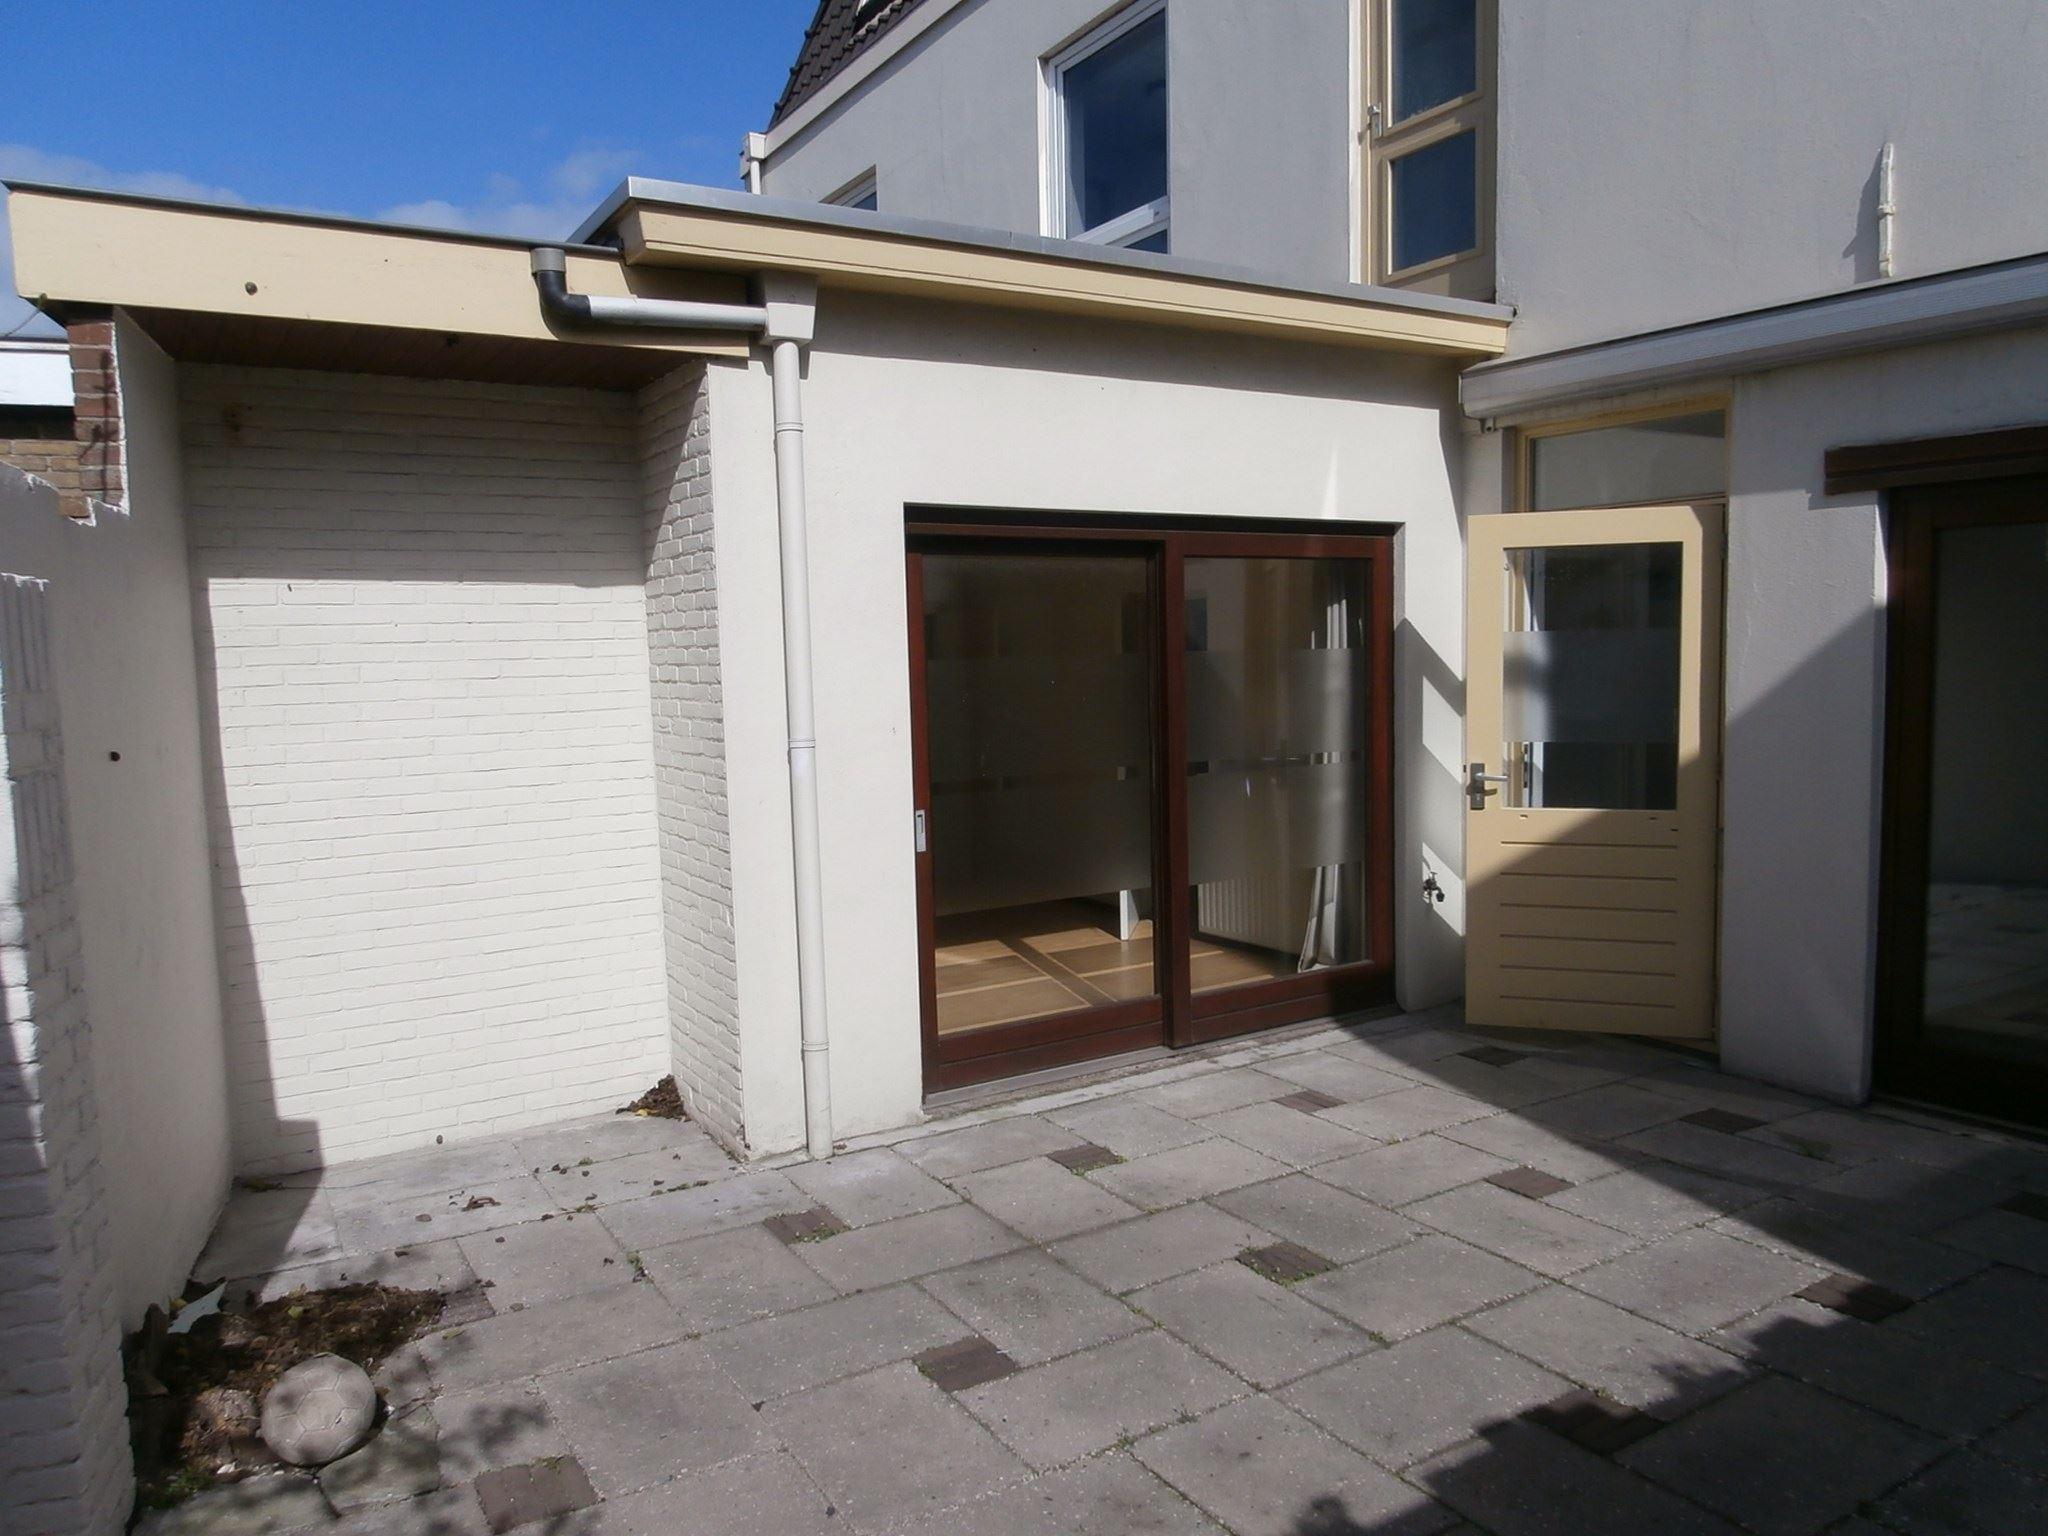 Verhuurd voorstraat 26 huis 1949 bh wijk aan zee funda - Modern huis aan zee ...